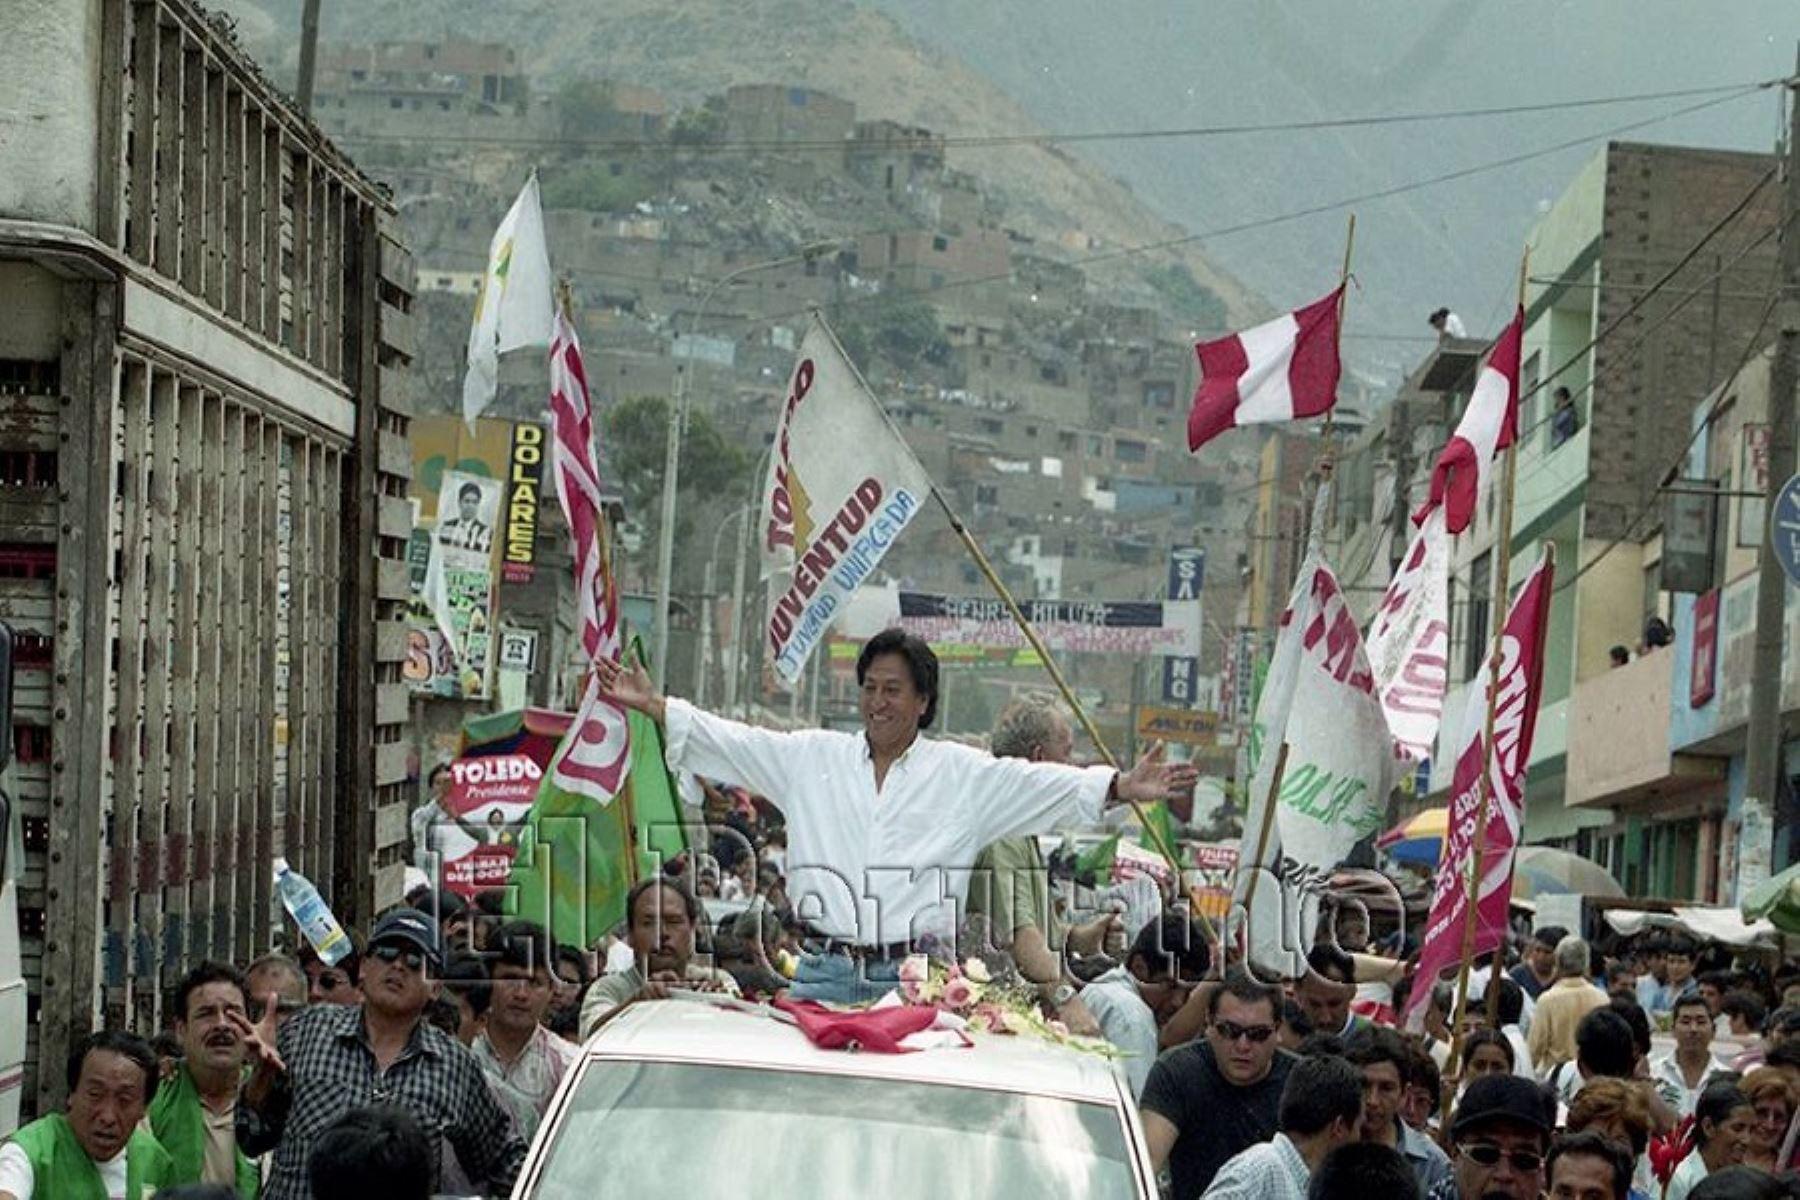 Alejandro Toledo cobró protagonismo político el año 2000 cuando disputó la Presidencia de la República al entonces gobernante Alberto Fujimori. Se erigió como el candidato de la oposición al régimen autoritario. Foto: ANDINA